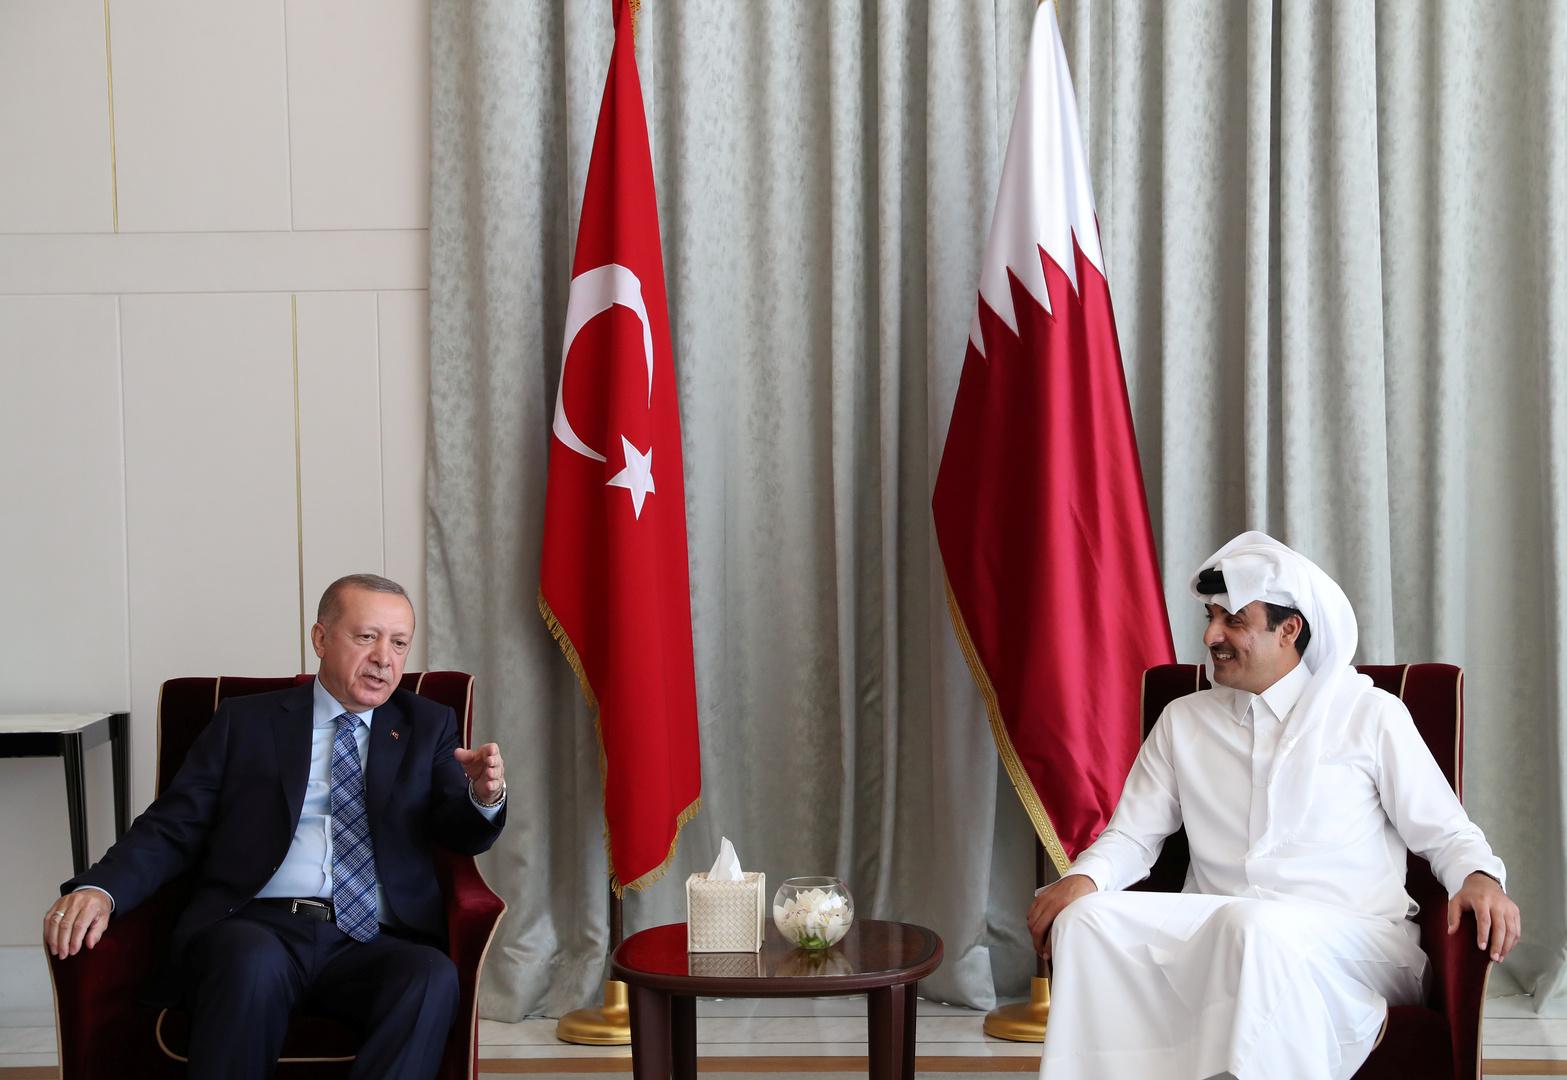 قطر تشيد بتعزيز علاقاتها مع تركيا وتؤكد توافق الرؤى في الملف الليبي